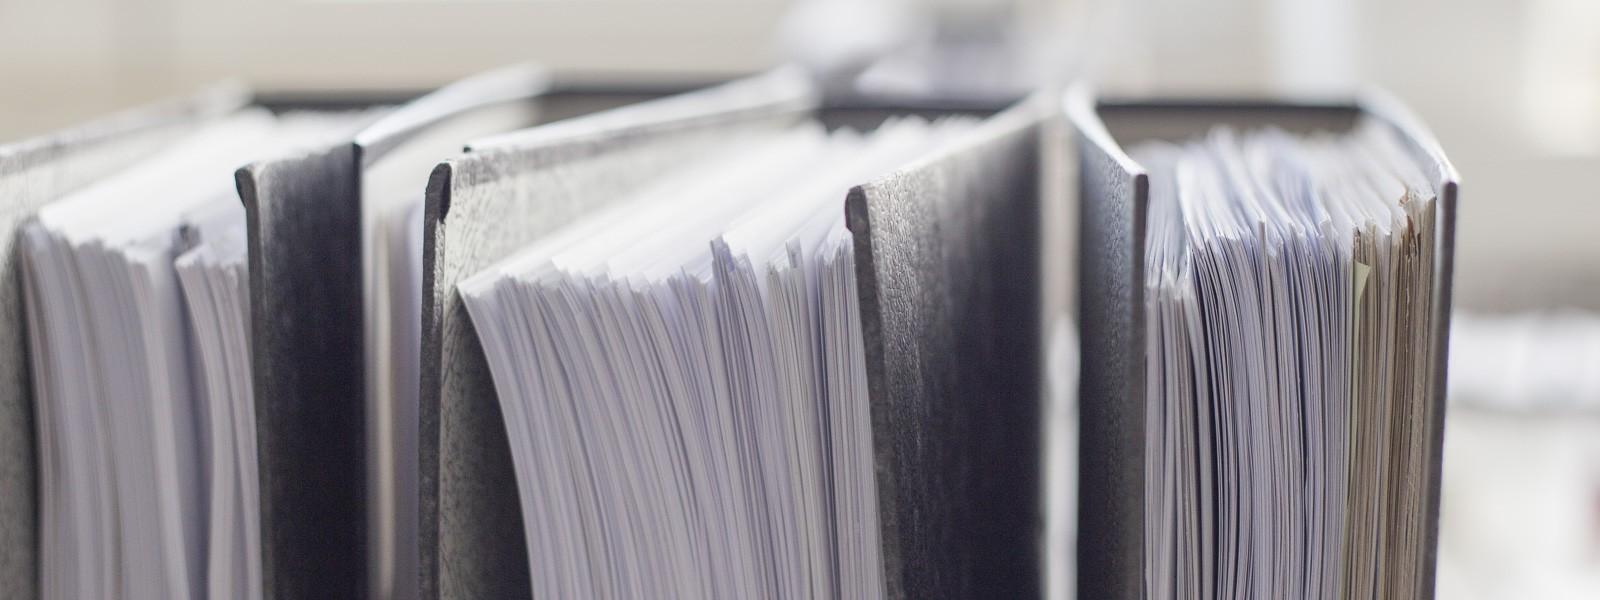 Stellenangebote steuerkanzlei m nchen auszubildende for Stellenangebote in munchen